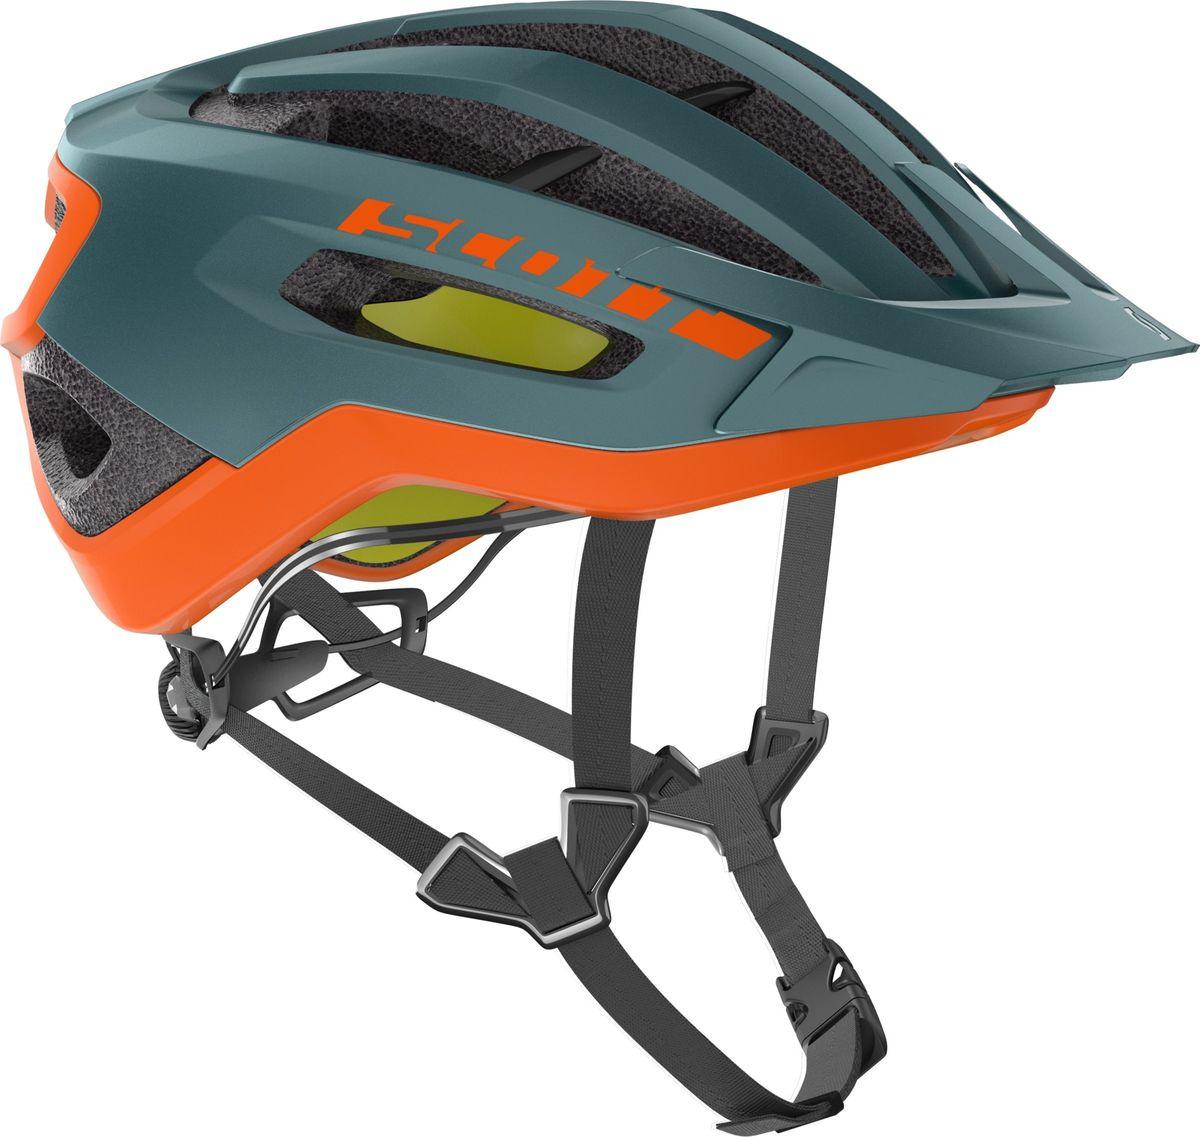 Шлем защитный Scott Fuga Plus, 265531-6151, оранжевый, размер M (55/59)